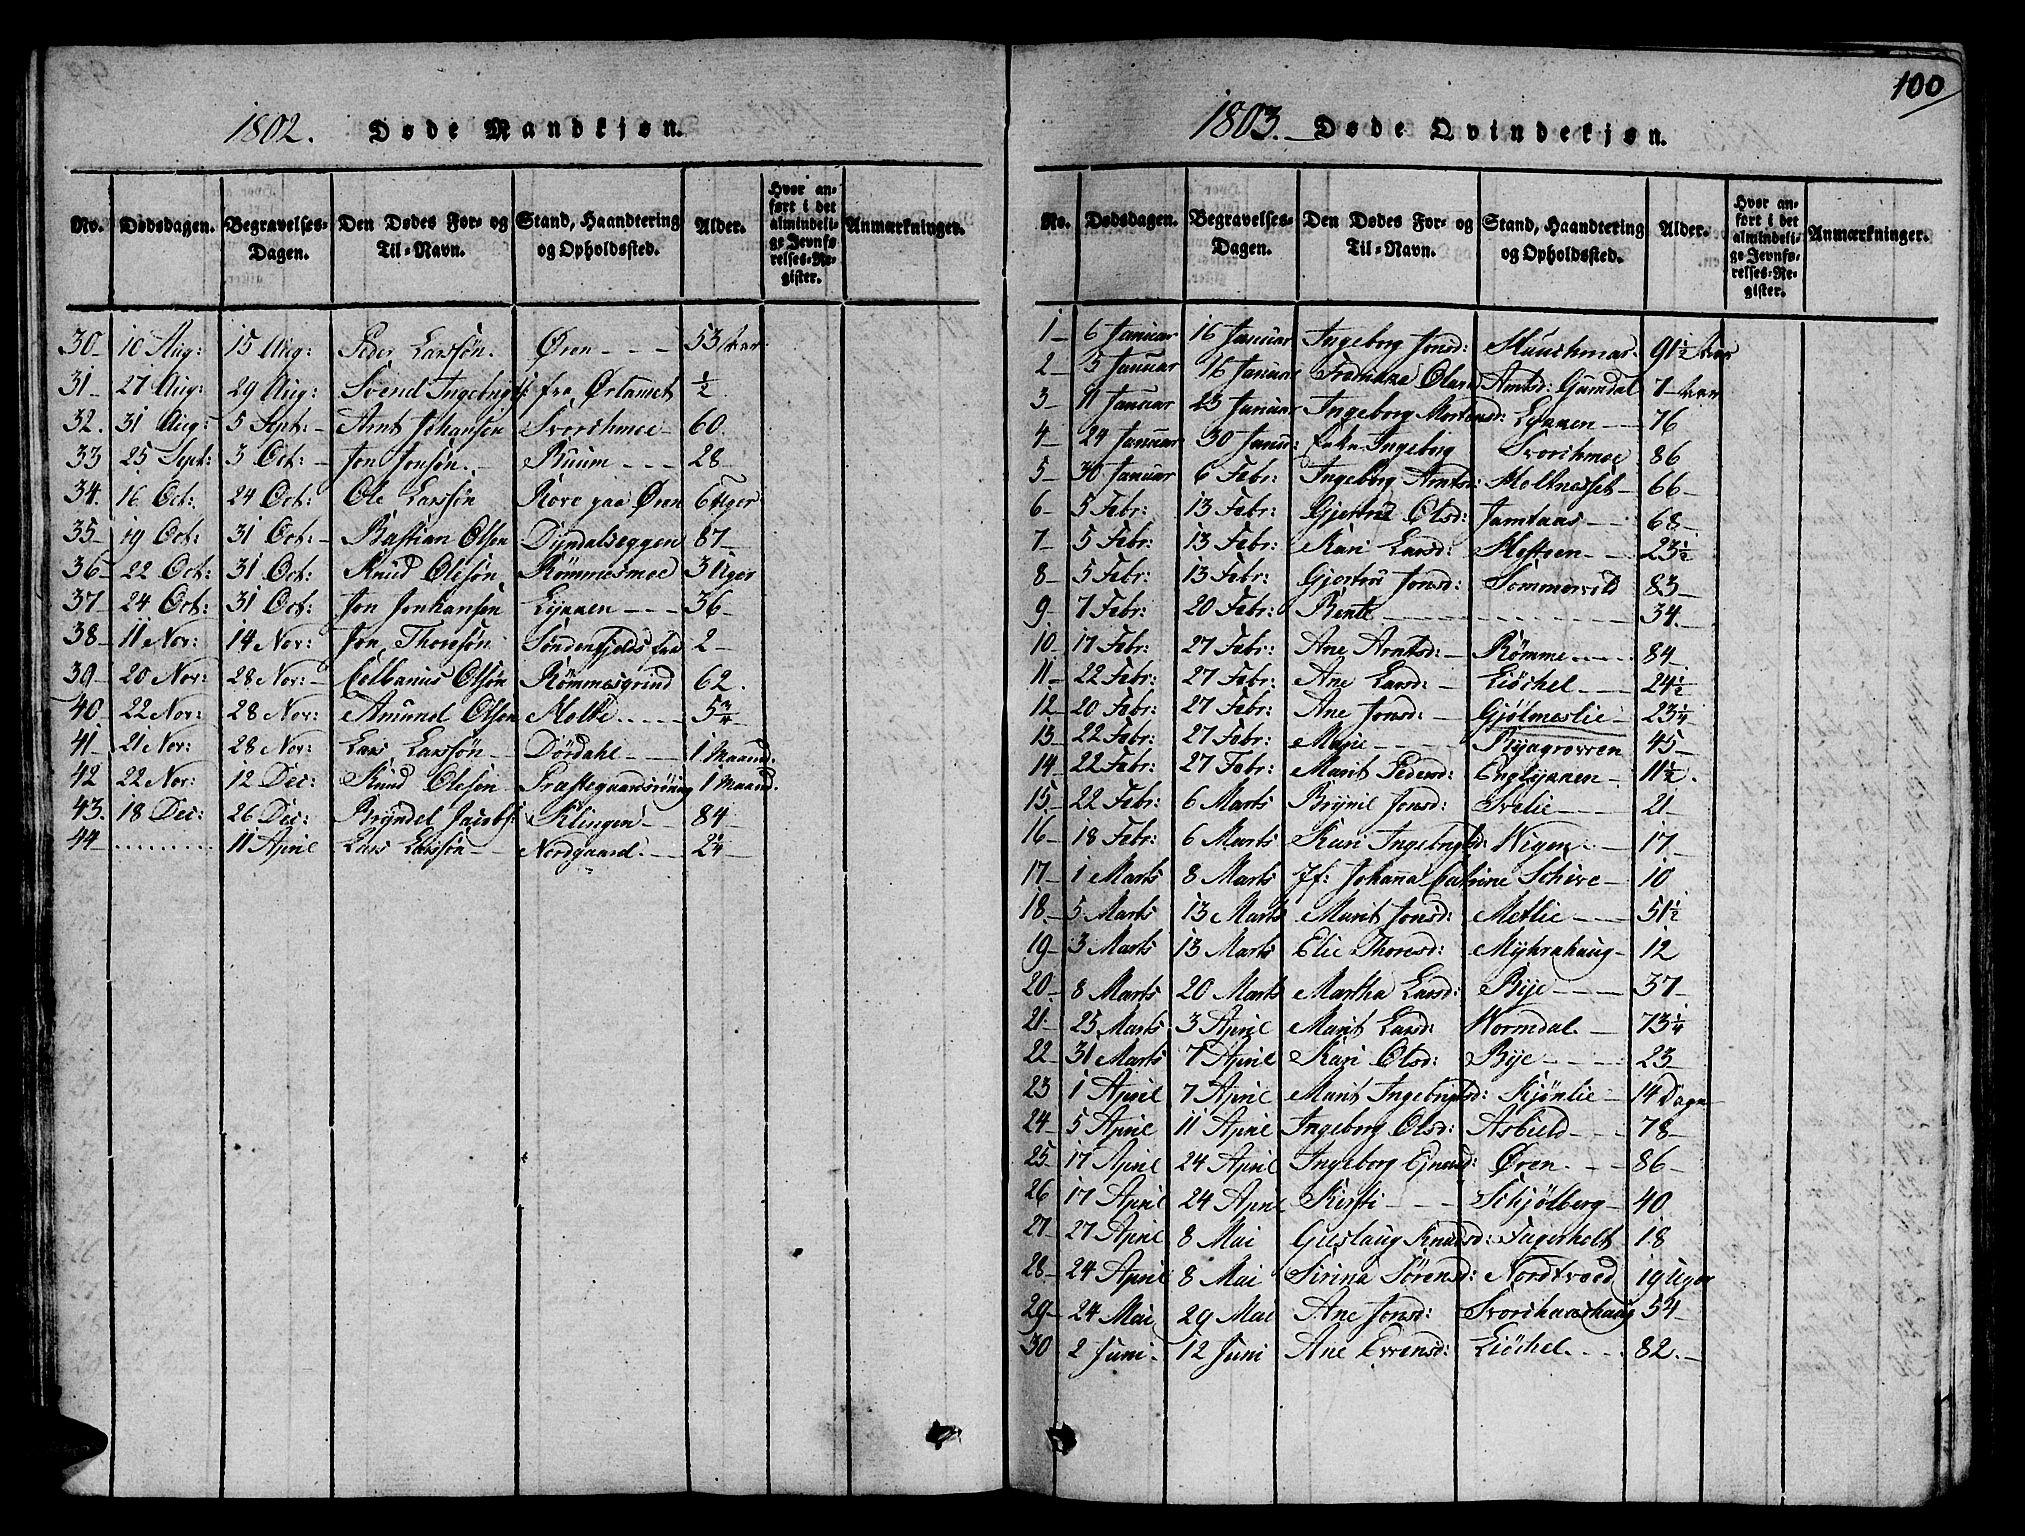 SAT, Ministerialprotokoller, klokkerbøker og fødselsregistre - Sør-Trøndelag, 668/L0803: Ministerialbok nr. 668A03, 1800-1826, s. 100